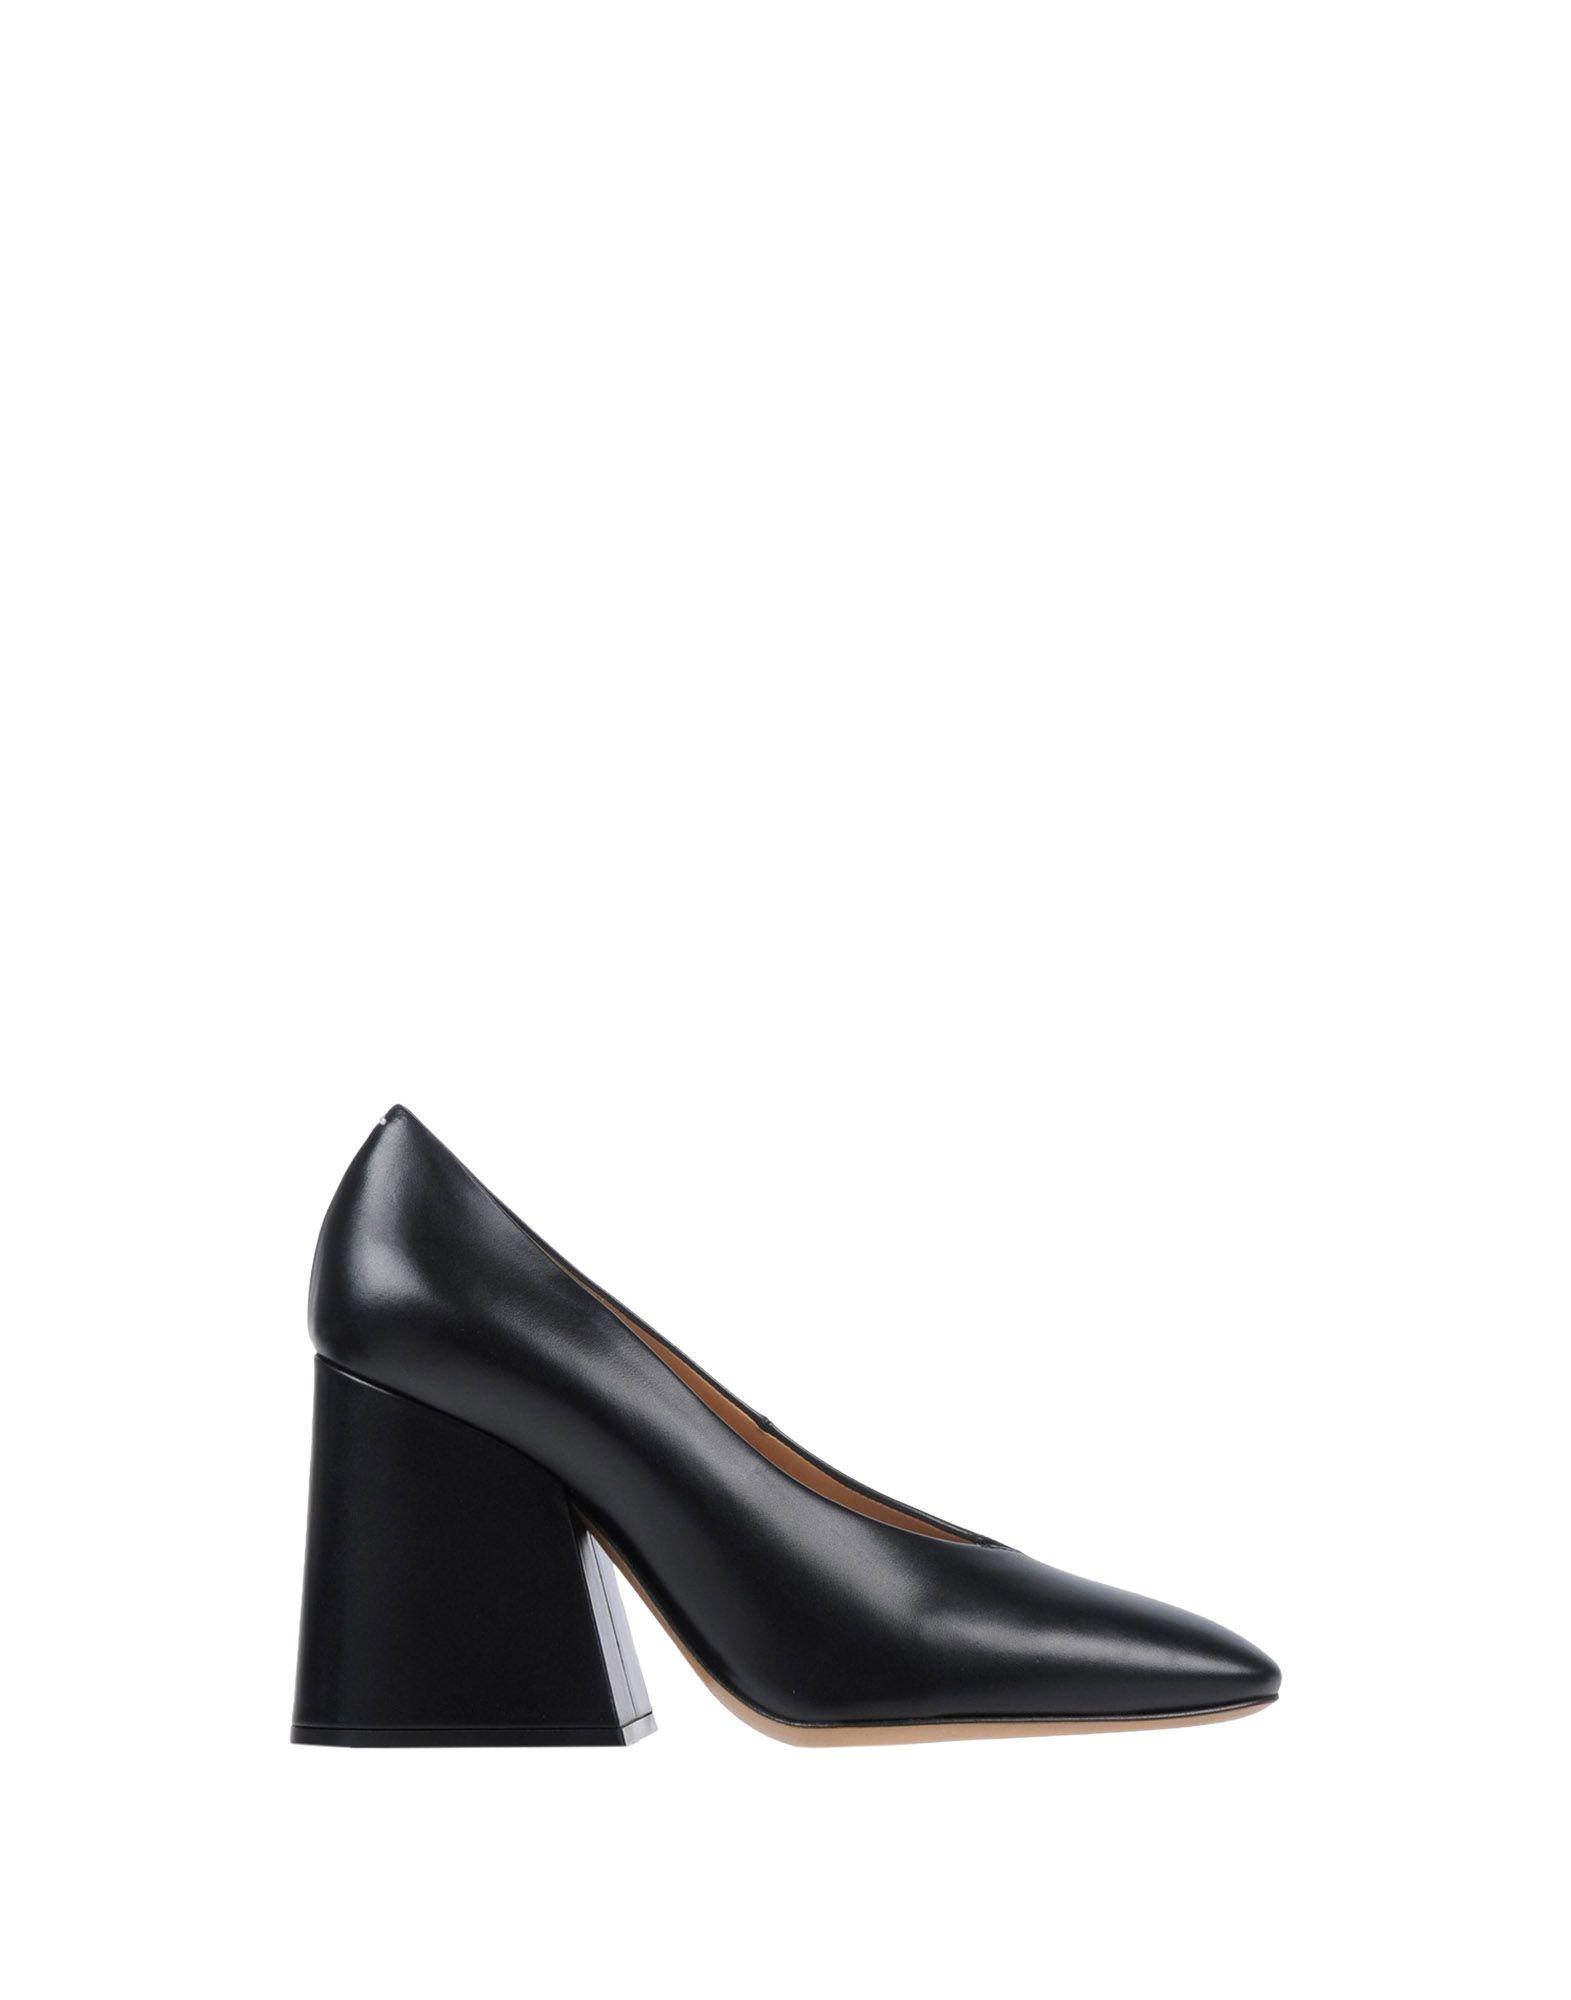 Maison Margiela gut Pumps Damen  11472148MMGünstige gut Margiela aussehende Schuhe 6a1606